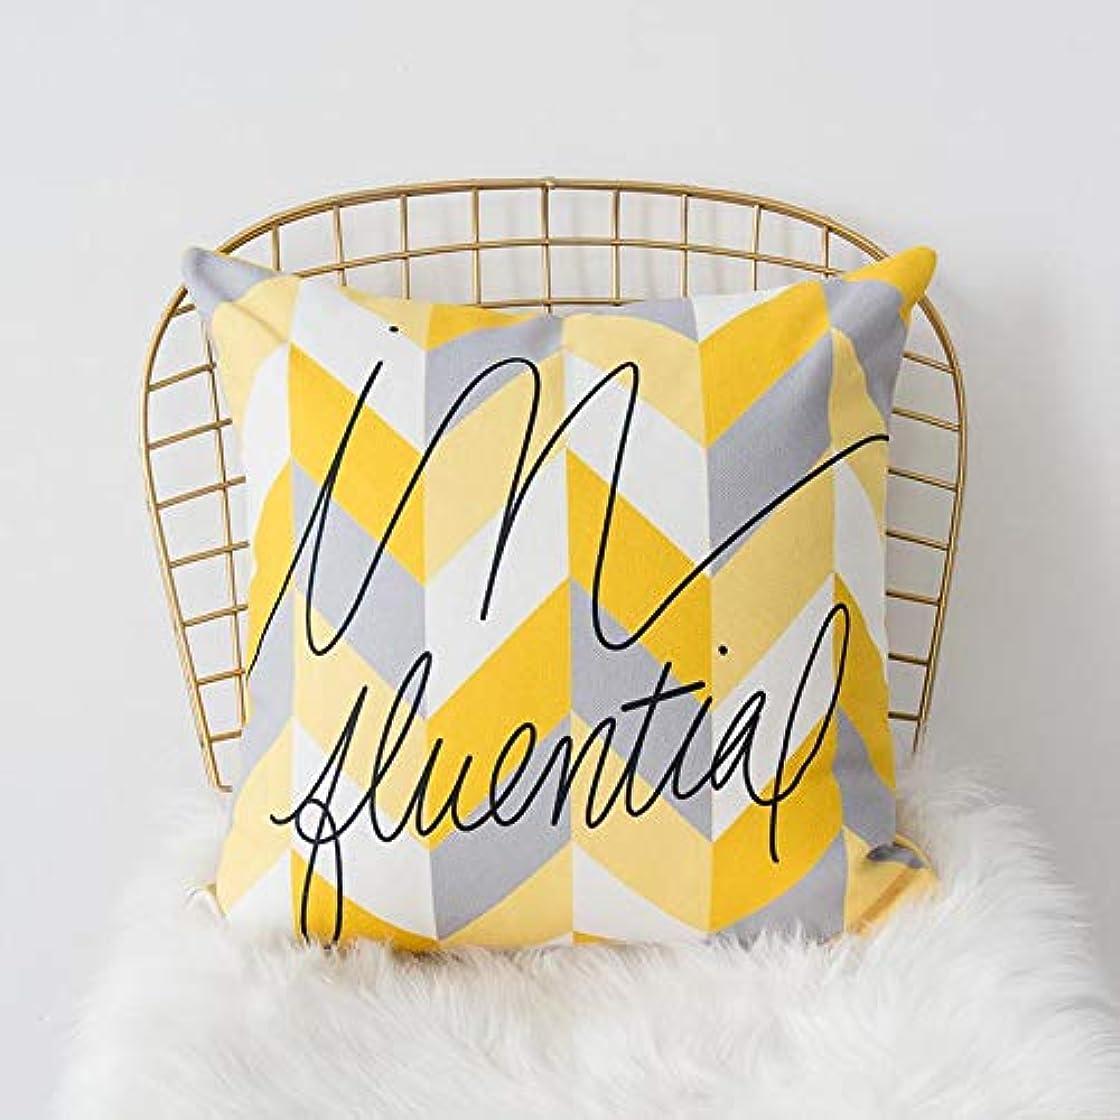 気難しい大混乱予感LIFE 黄色グレー枕北欧スタイル黄色ヘラジカ幾何枕リビングルームのインテリアソファクッション Cojines 装飾良質 クッション 椅子